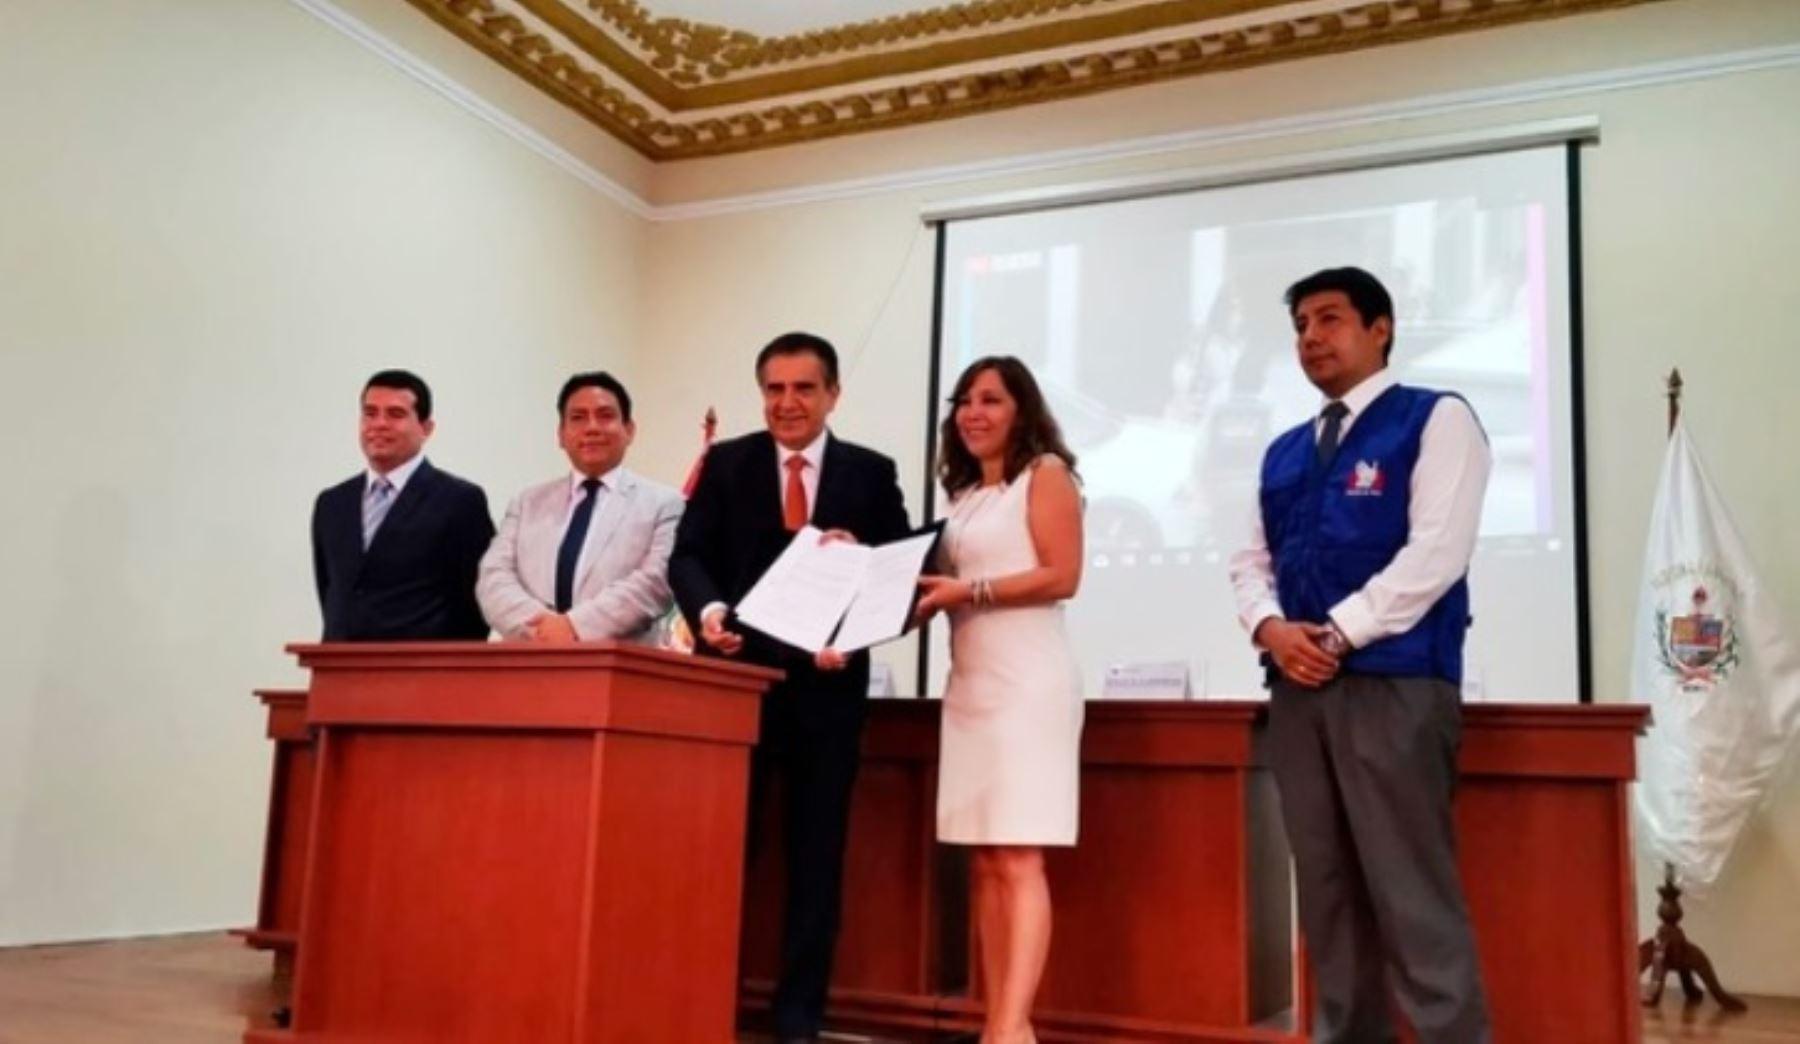 Secretaría de Integridad Publica, es el ente rector de la Política Nacional de Integridad y Lucha contra la Corrupción.